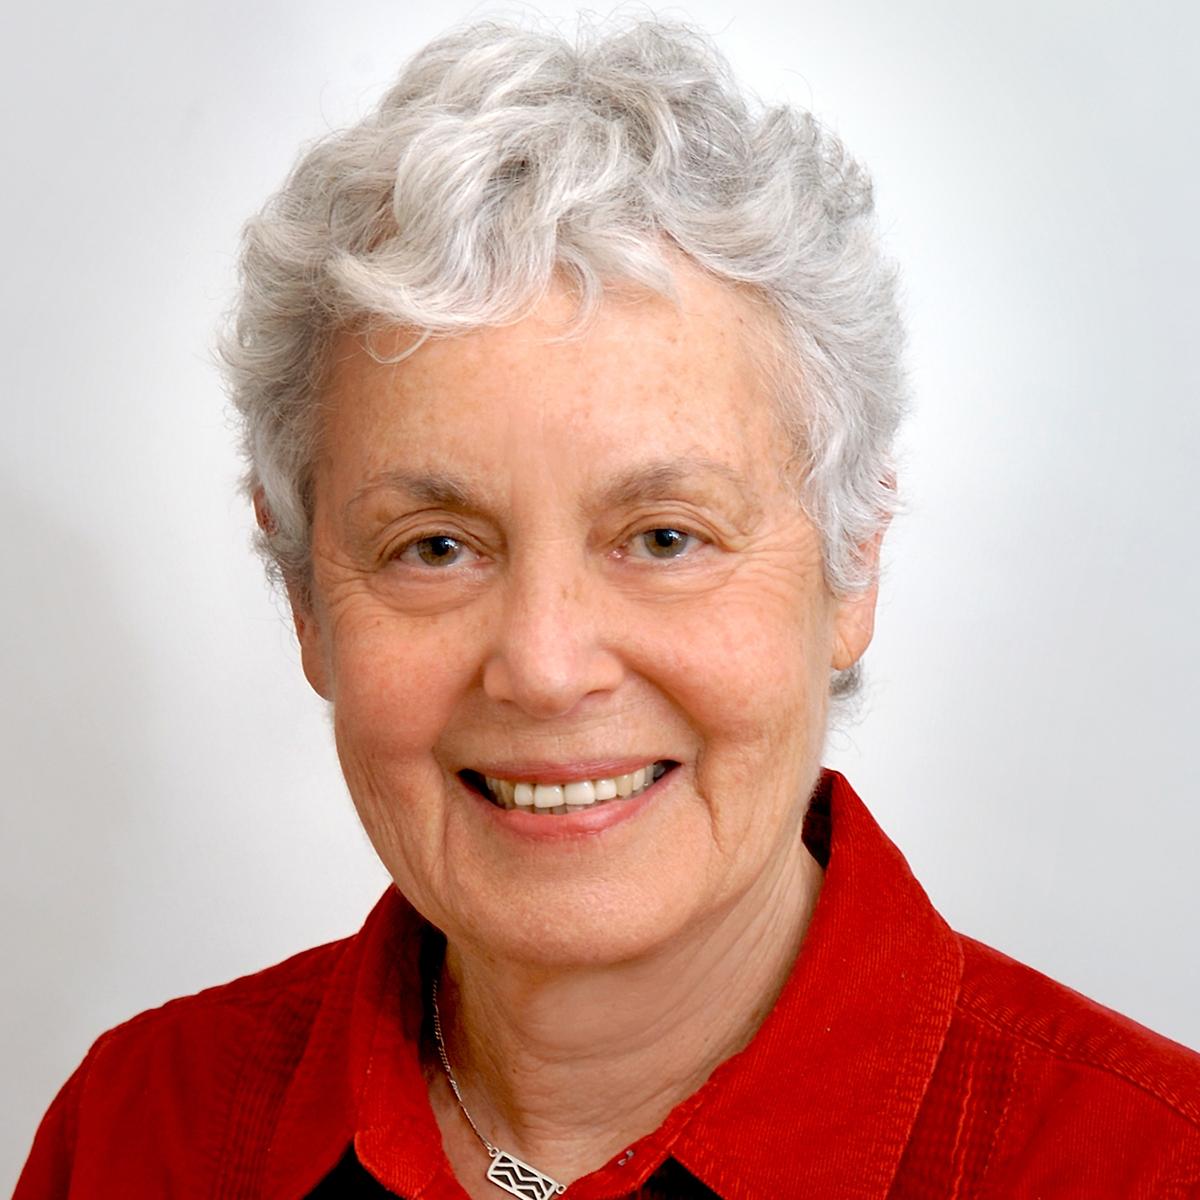 Lynn Rosenberg